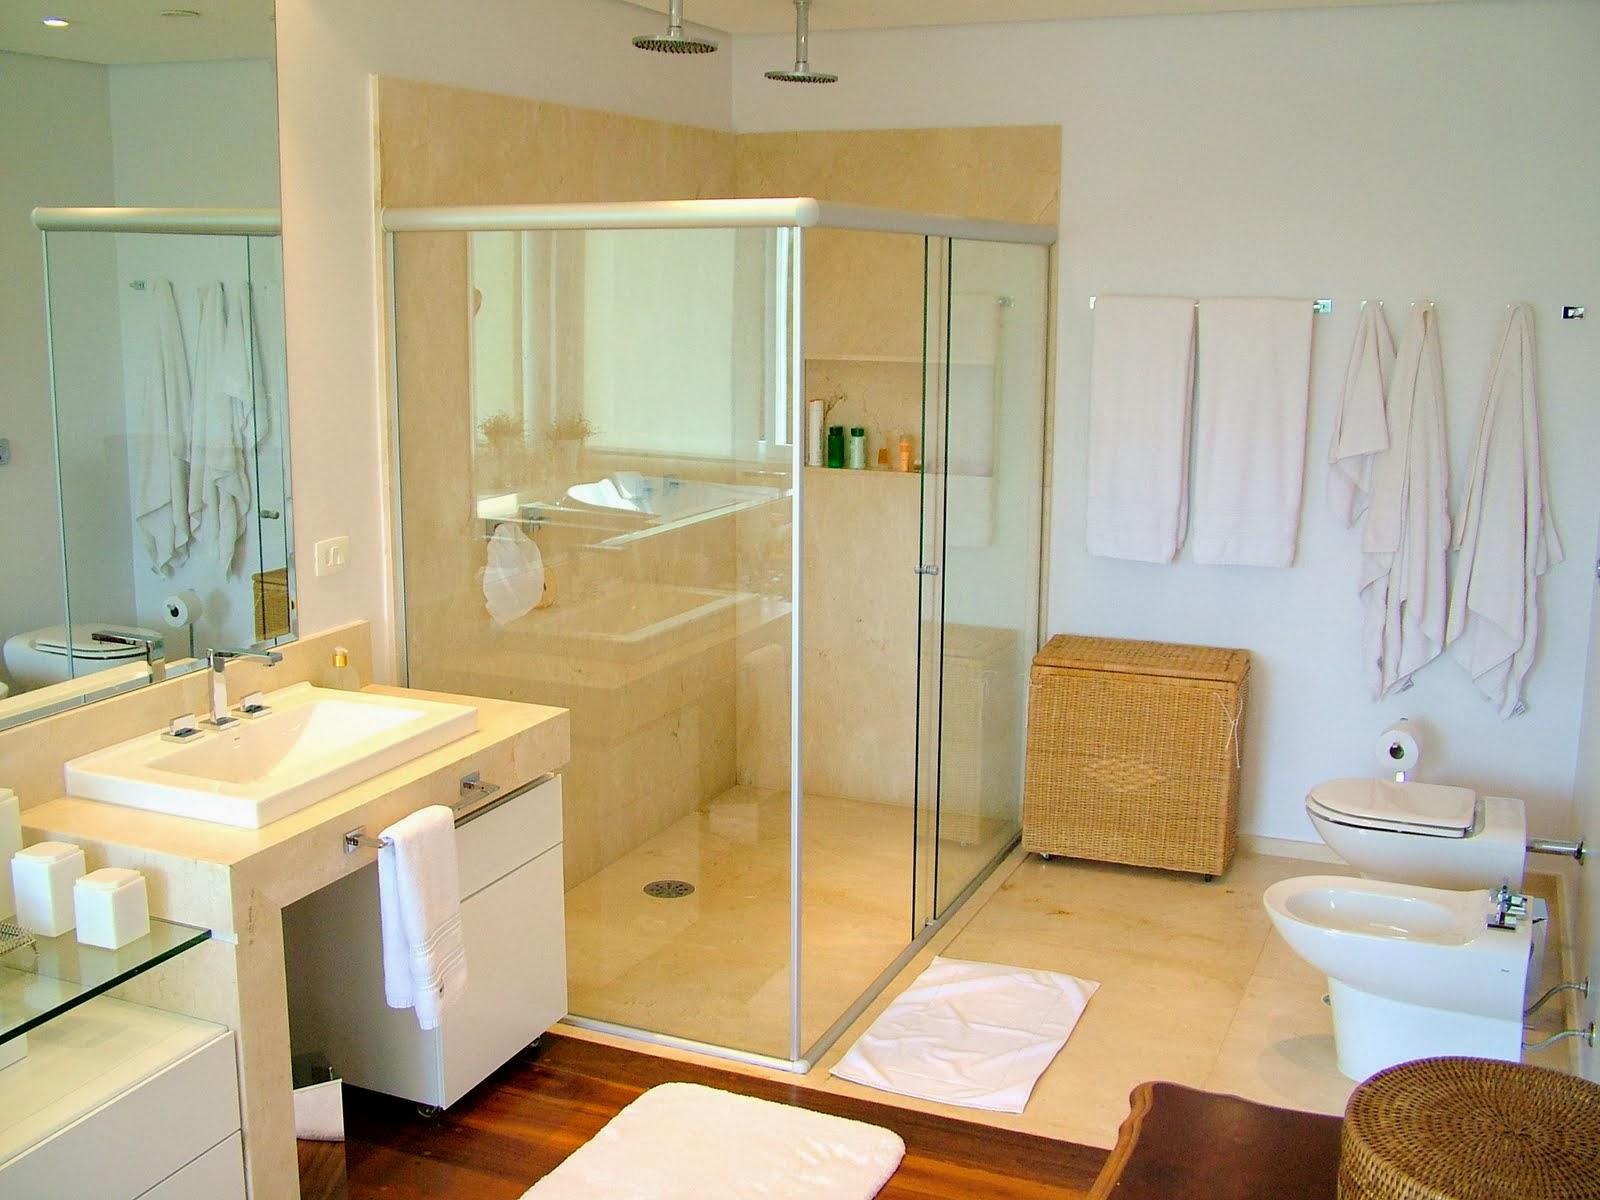 Fonte: Site Decoração de Interiores e Guia Grátis #703D18 1600x1200 Banheiro Com Banheira De Canto